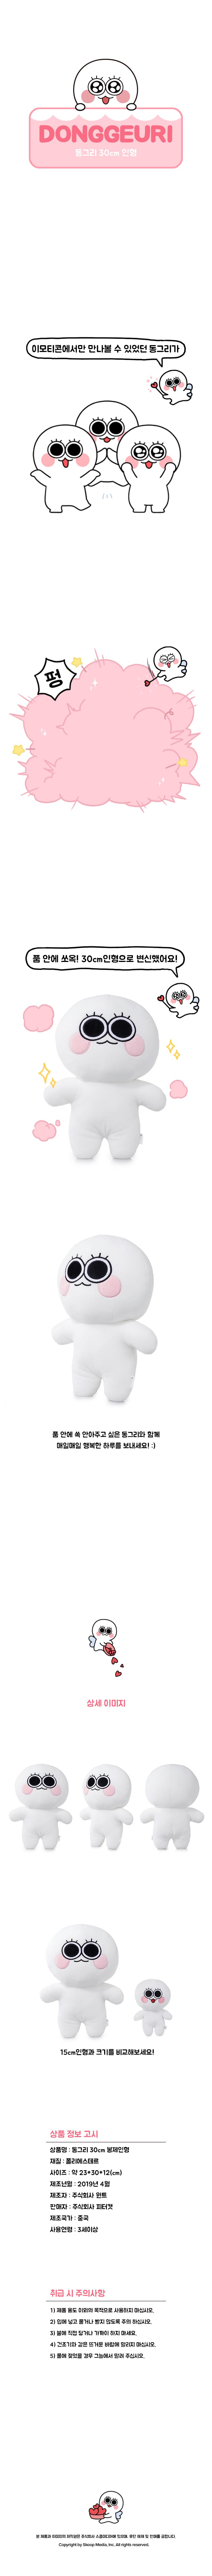 동그리 30cm 인형 - 동그리, 20,000원, 캐릭터인형, 기타 캐릭터 인형